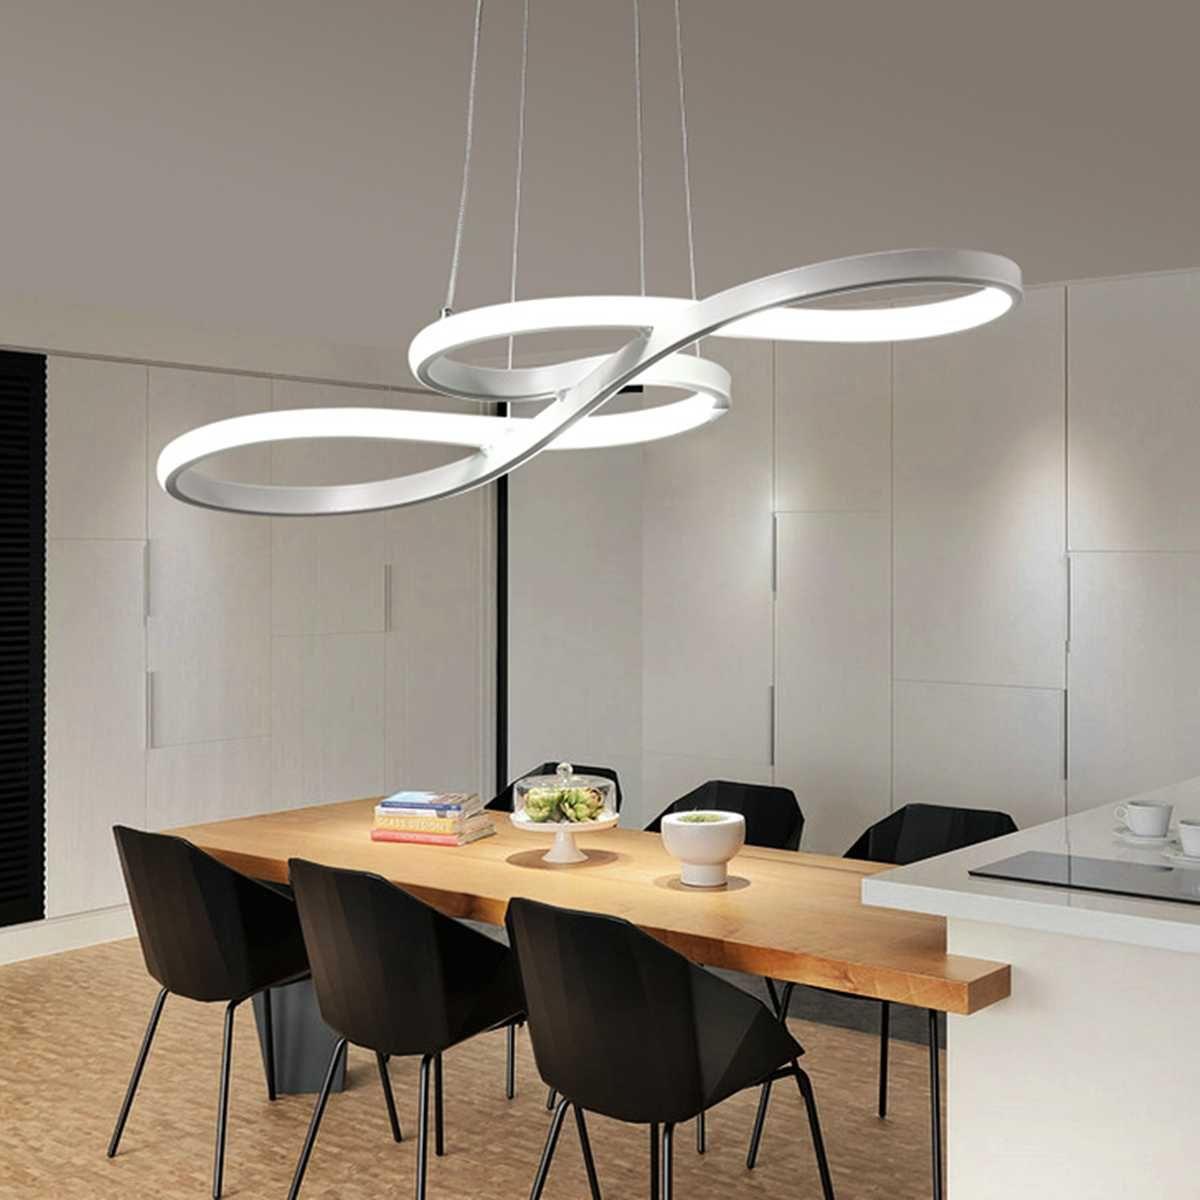 27 Modern Simple Pendant Lights Minimalist Led Hanging Lamp